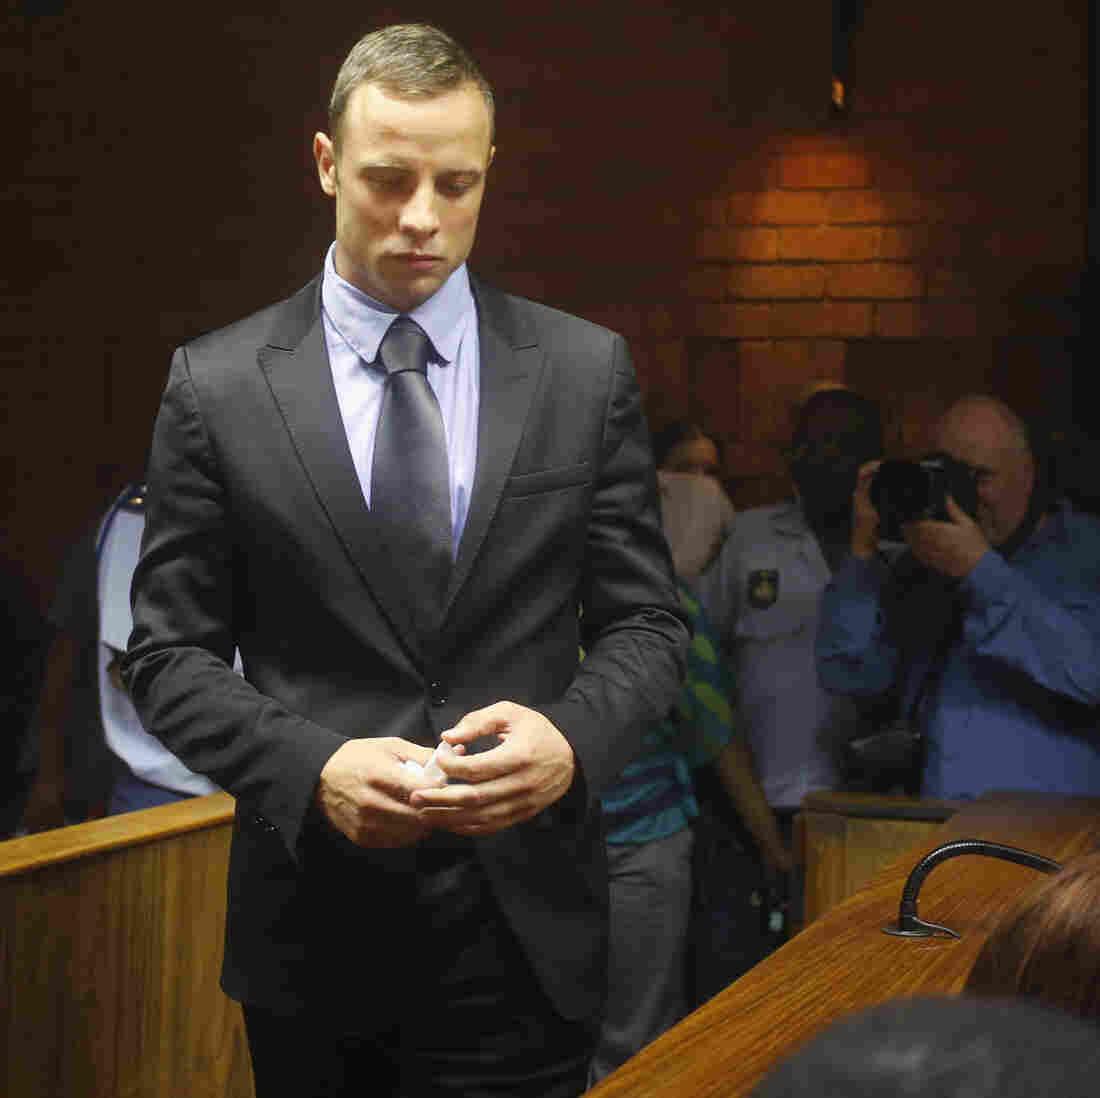 Pistorius Case Dealt 'Serious Blows'; Detective Faces Own Shooting Charges